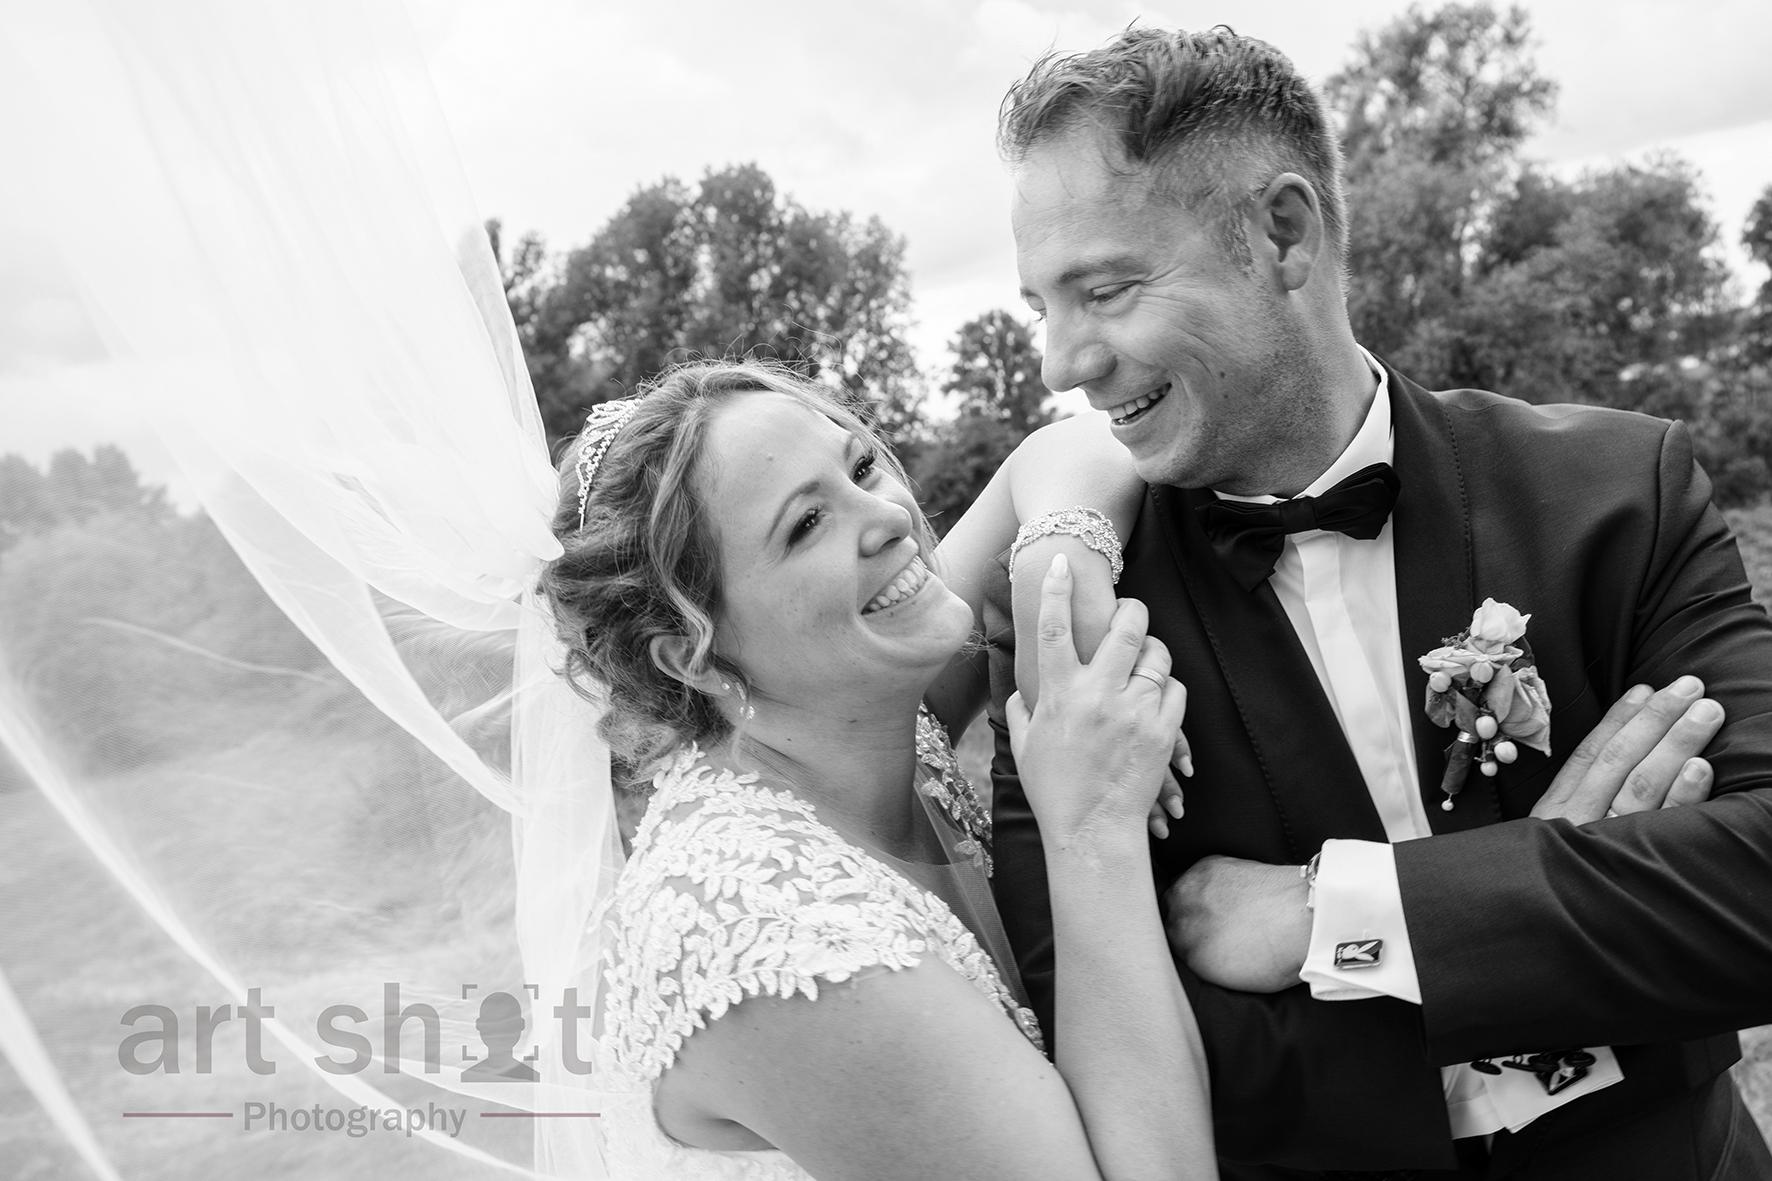 Hochzeit Fotoshooting günstige Hochzeit NRW